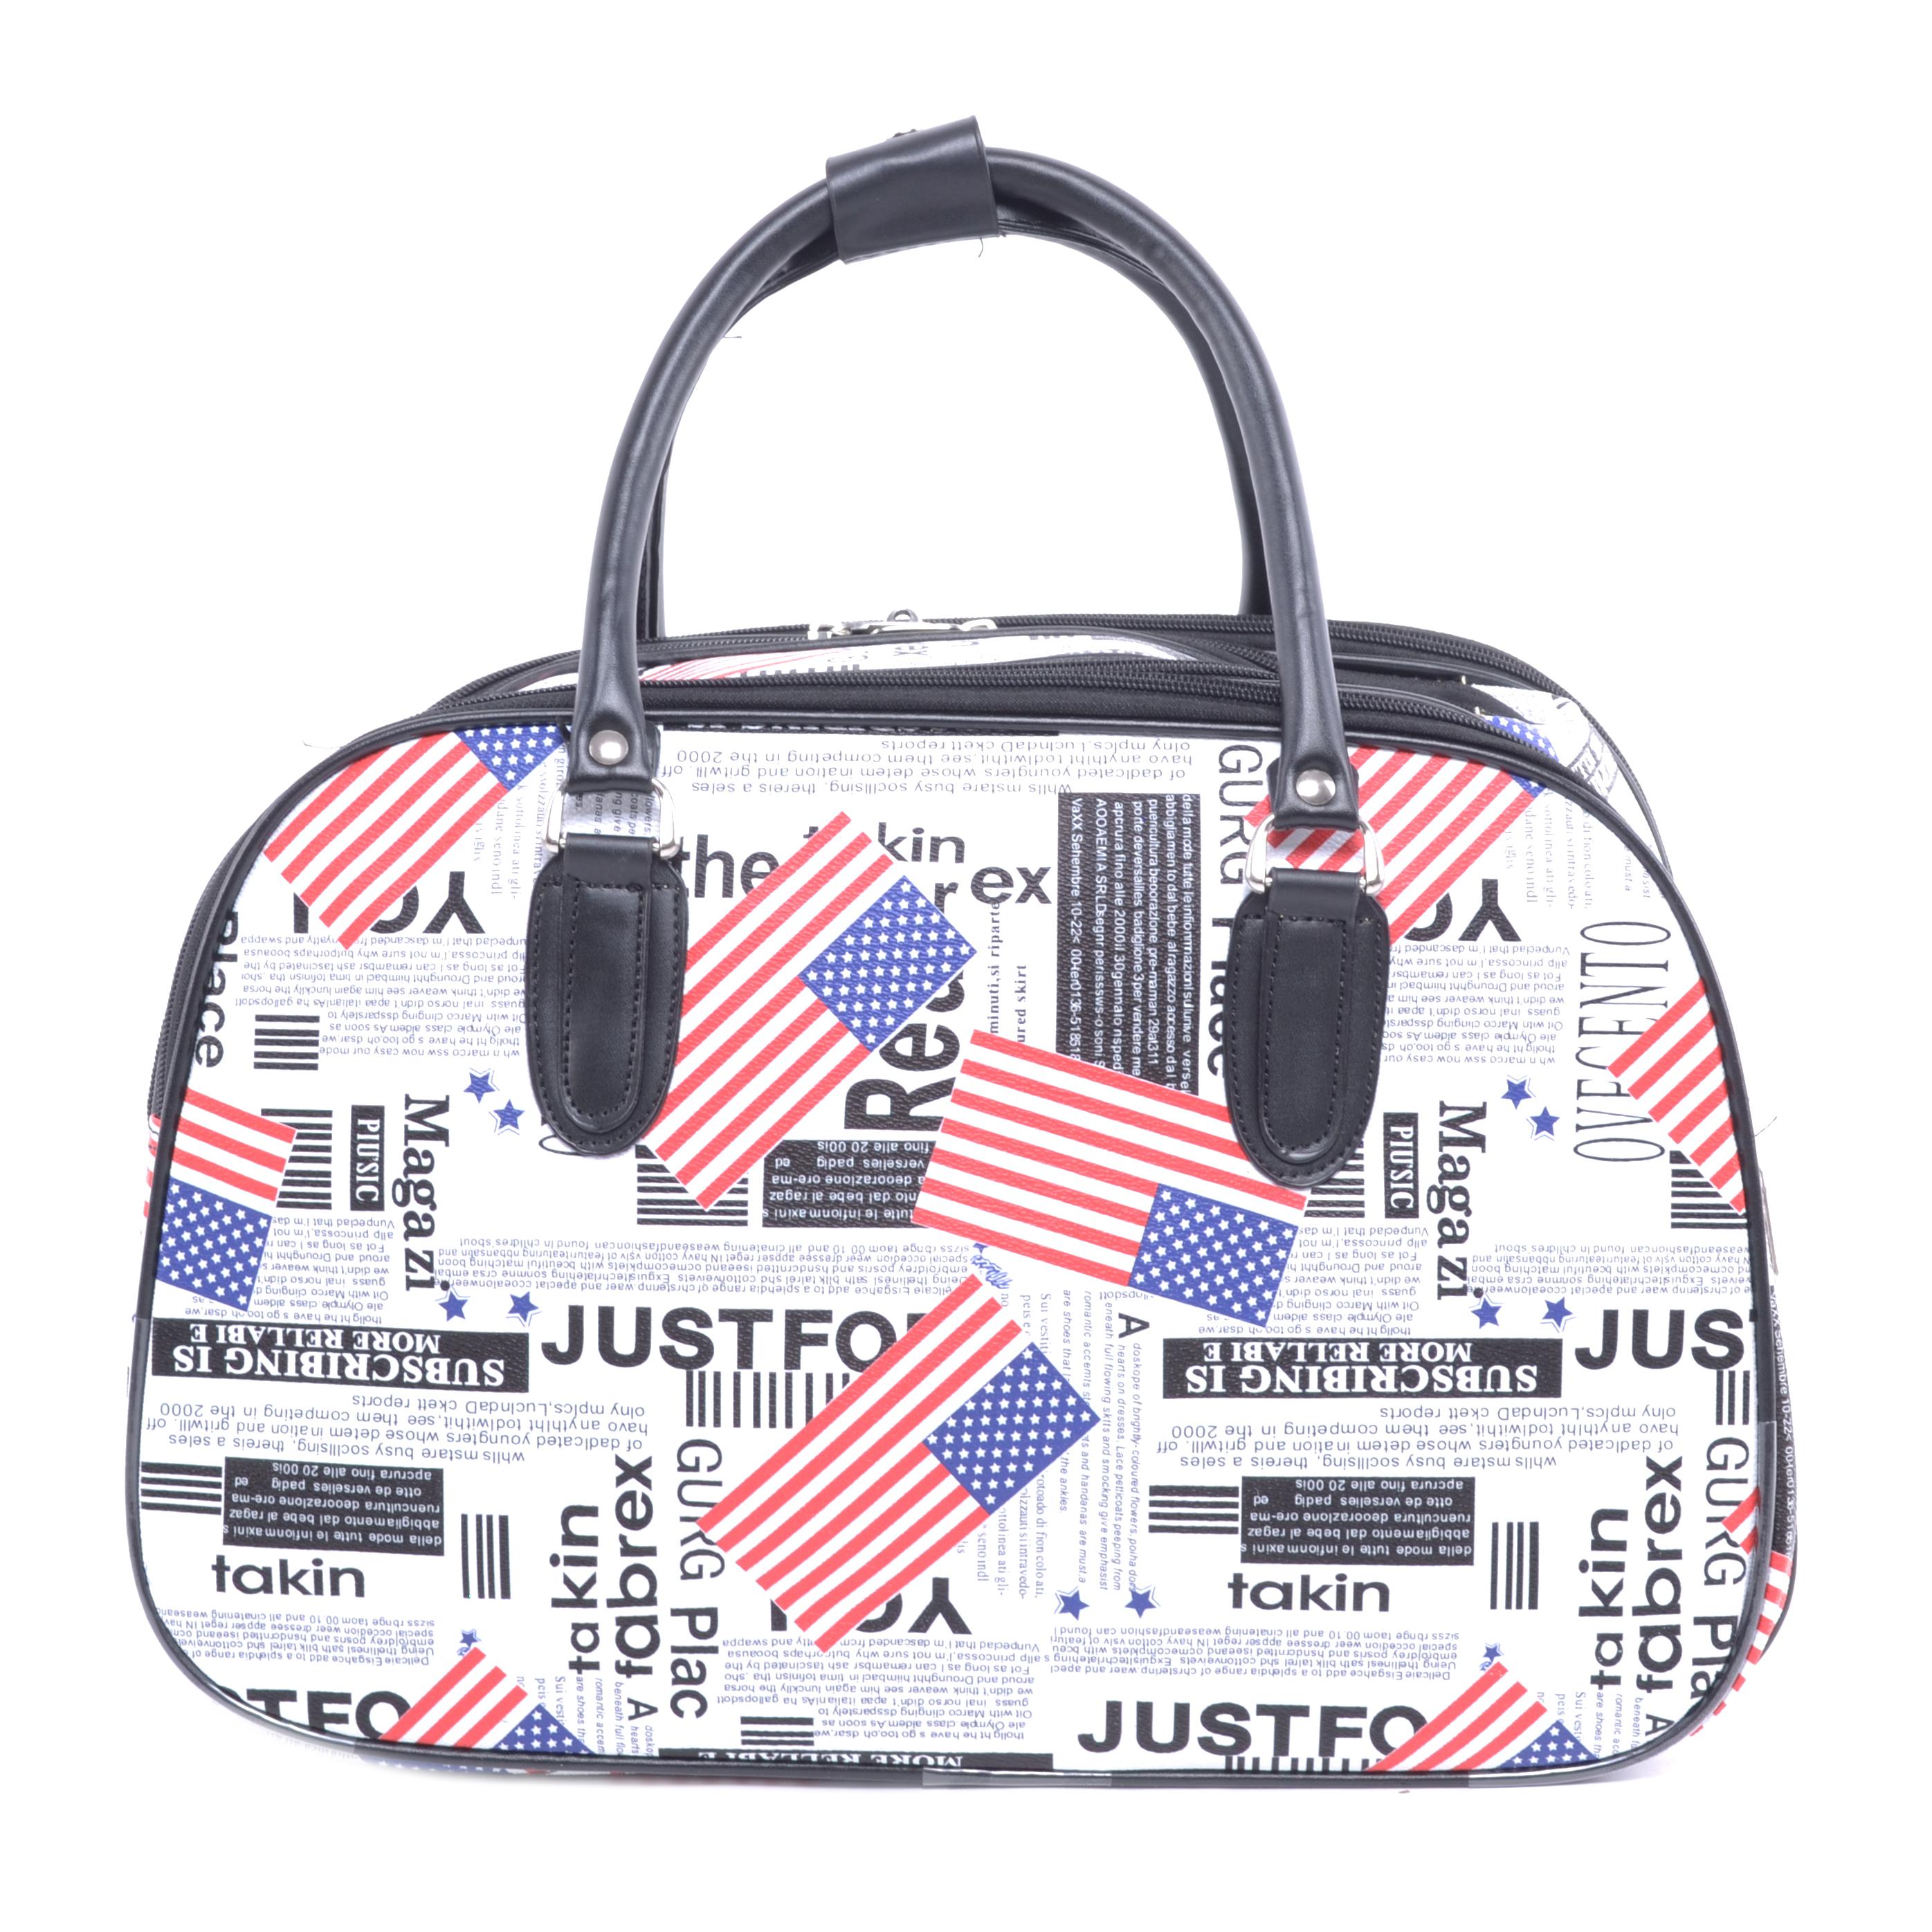 Besty Wizzair Amerikai Zászlós Fényes Szövet Utazótáska - KIS MÉRETŰ  UTAZÓTÁSKA - Táska webáruház - Minőségi táskák mindenkinek 67d61b0070